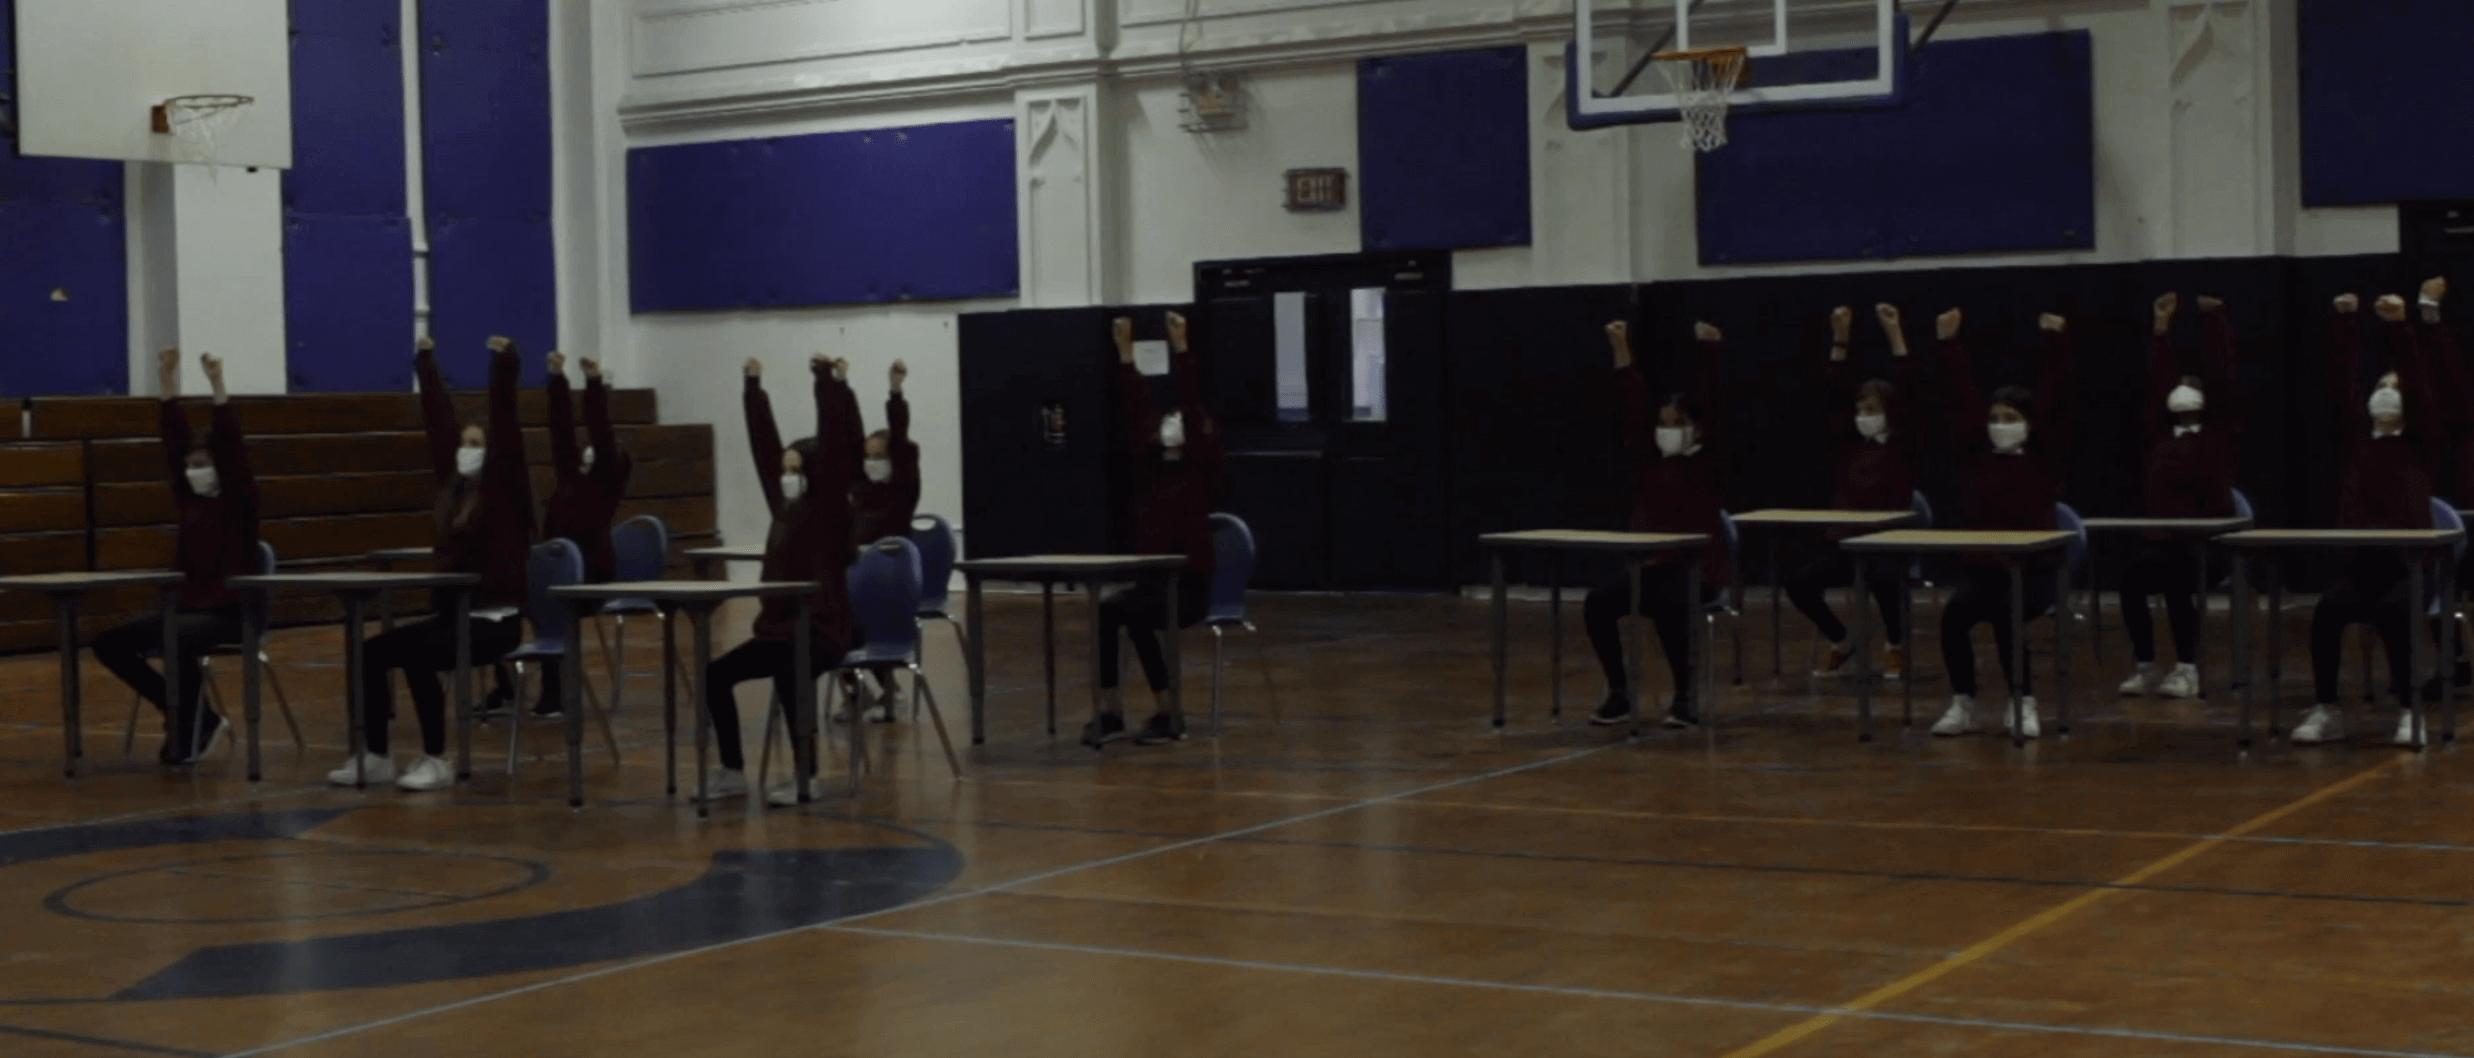 faf_gymdance1